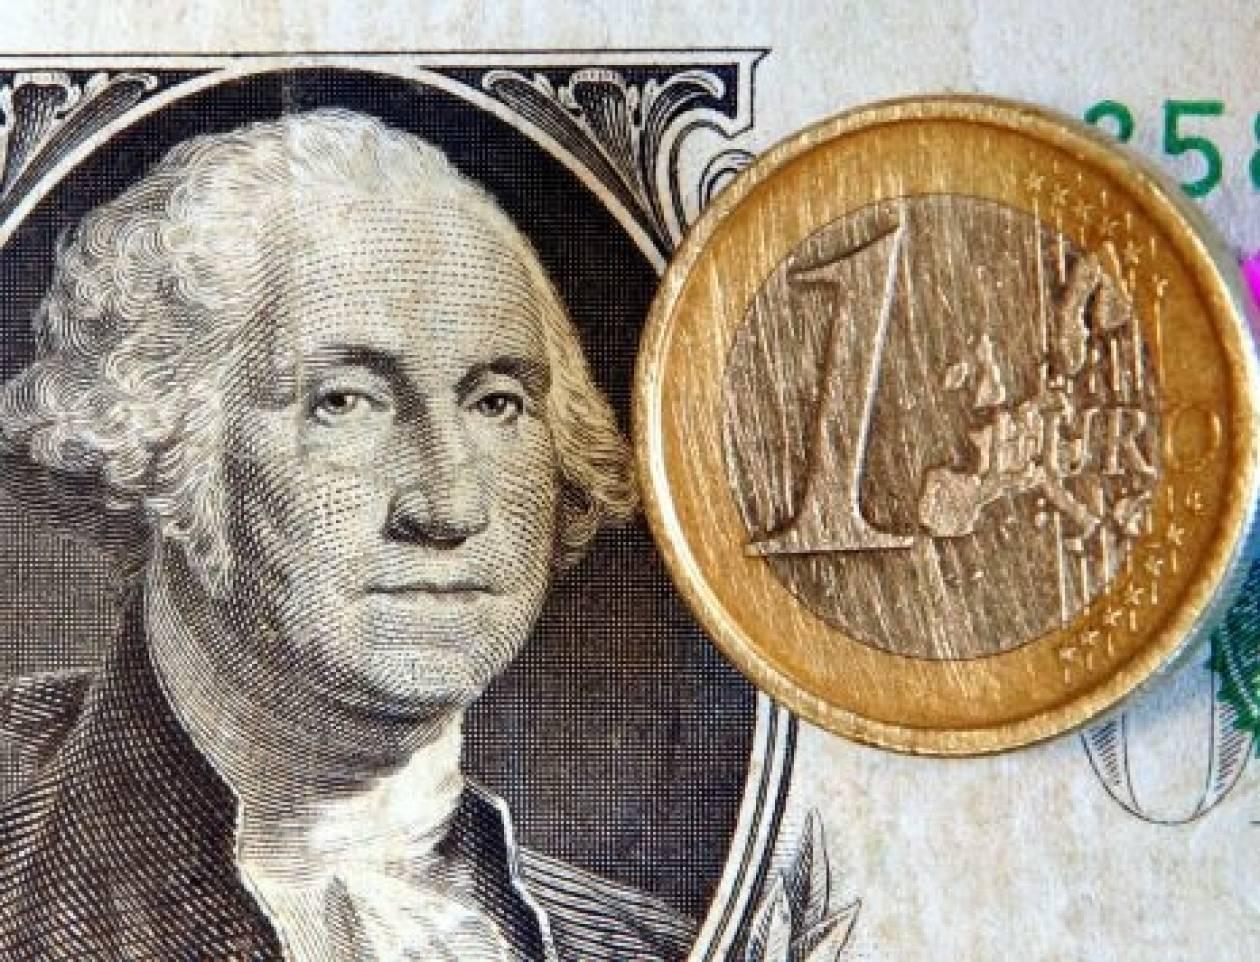 Το ευρώ σημειώνει άνοδο 0,16% και διαμορφώνεται στα 1,3343 δολάρια